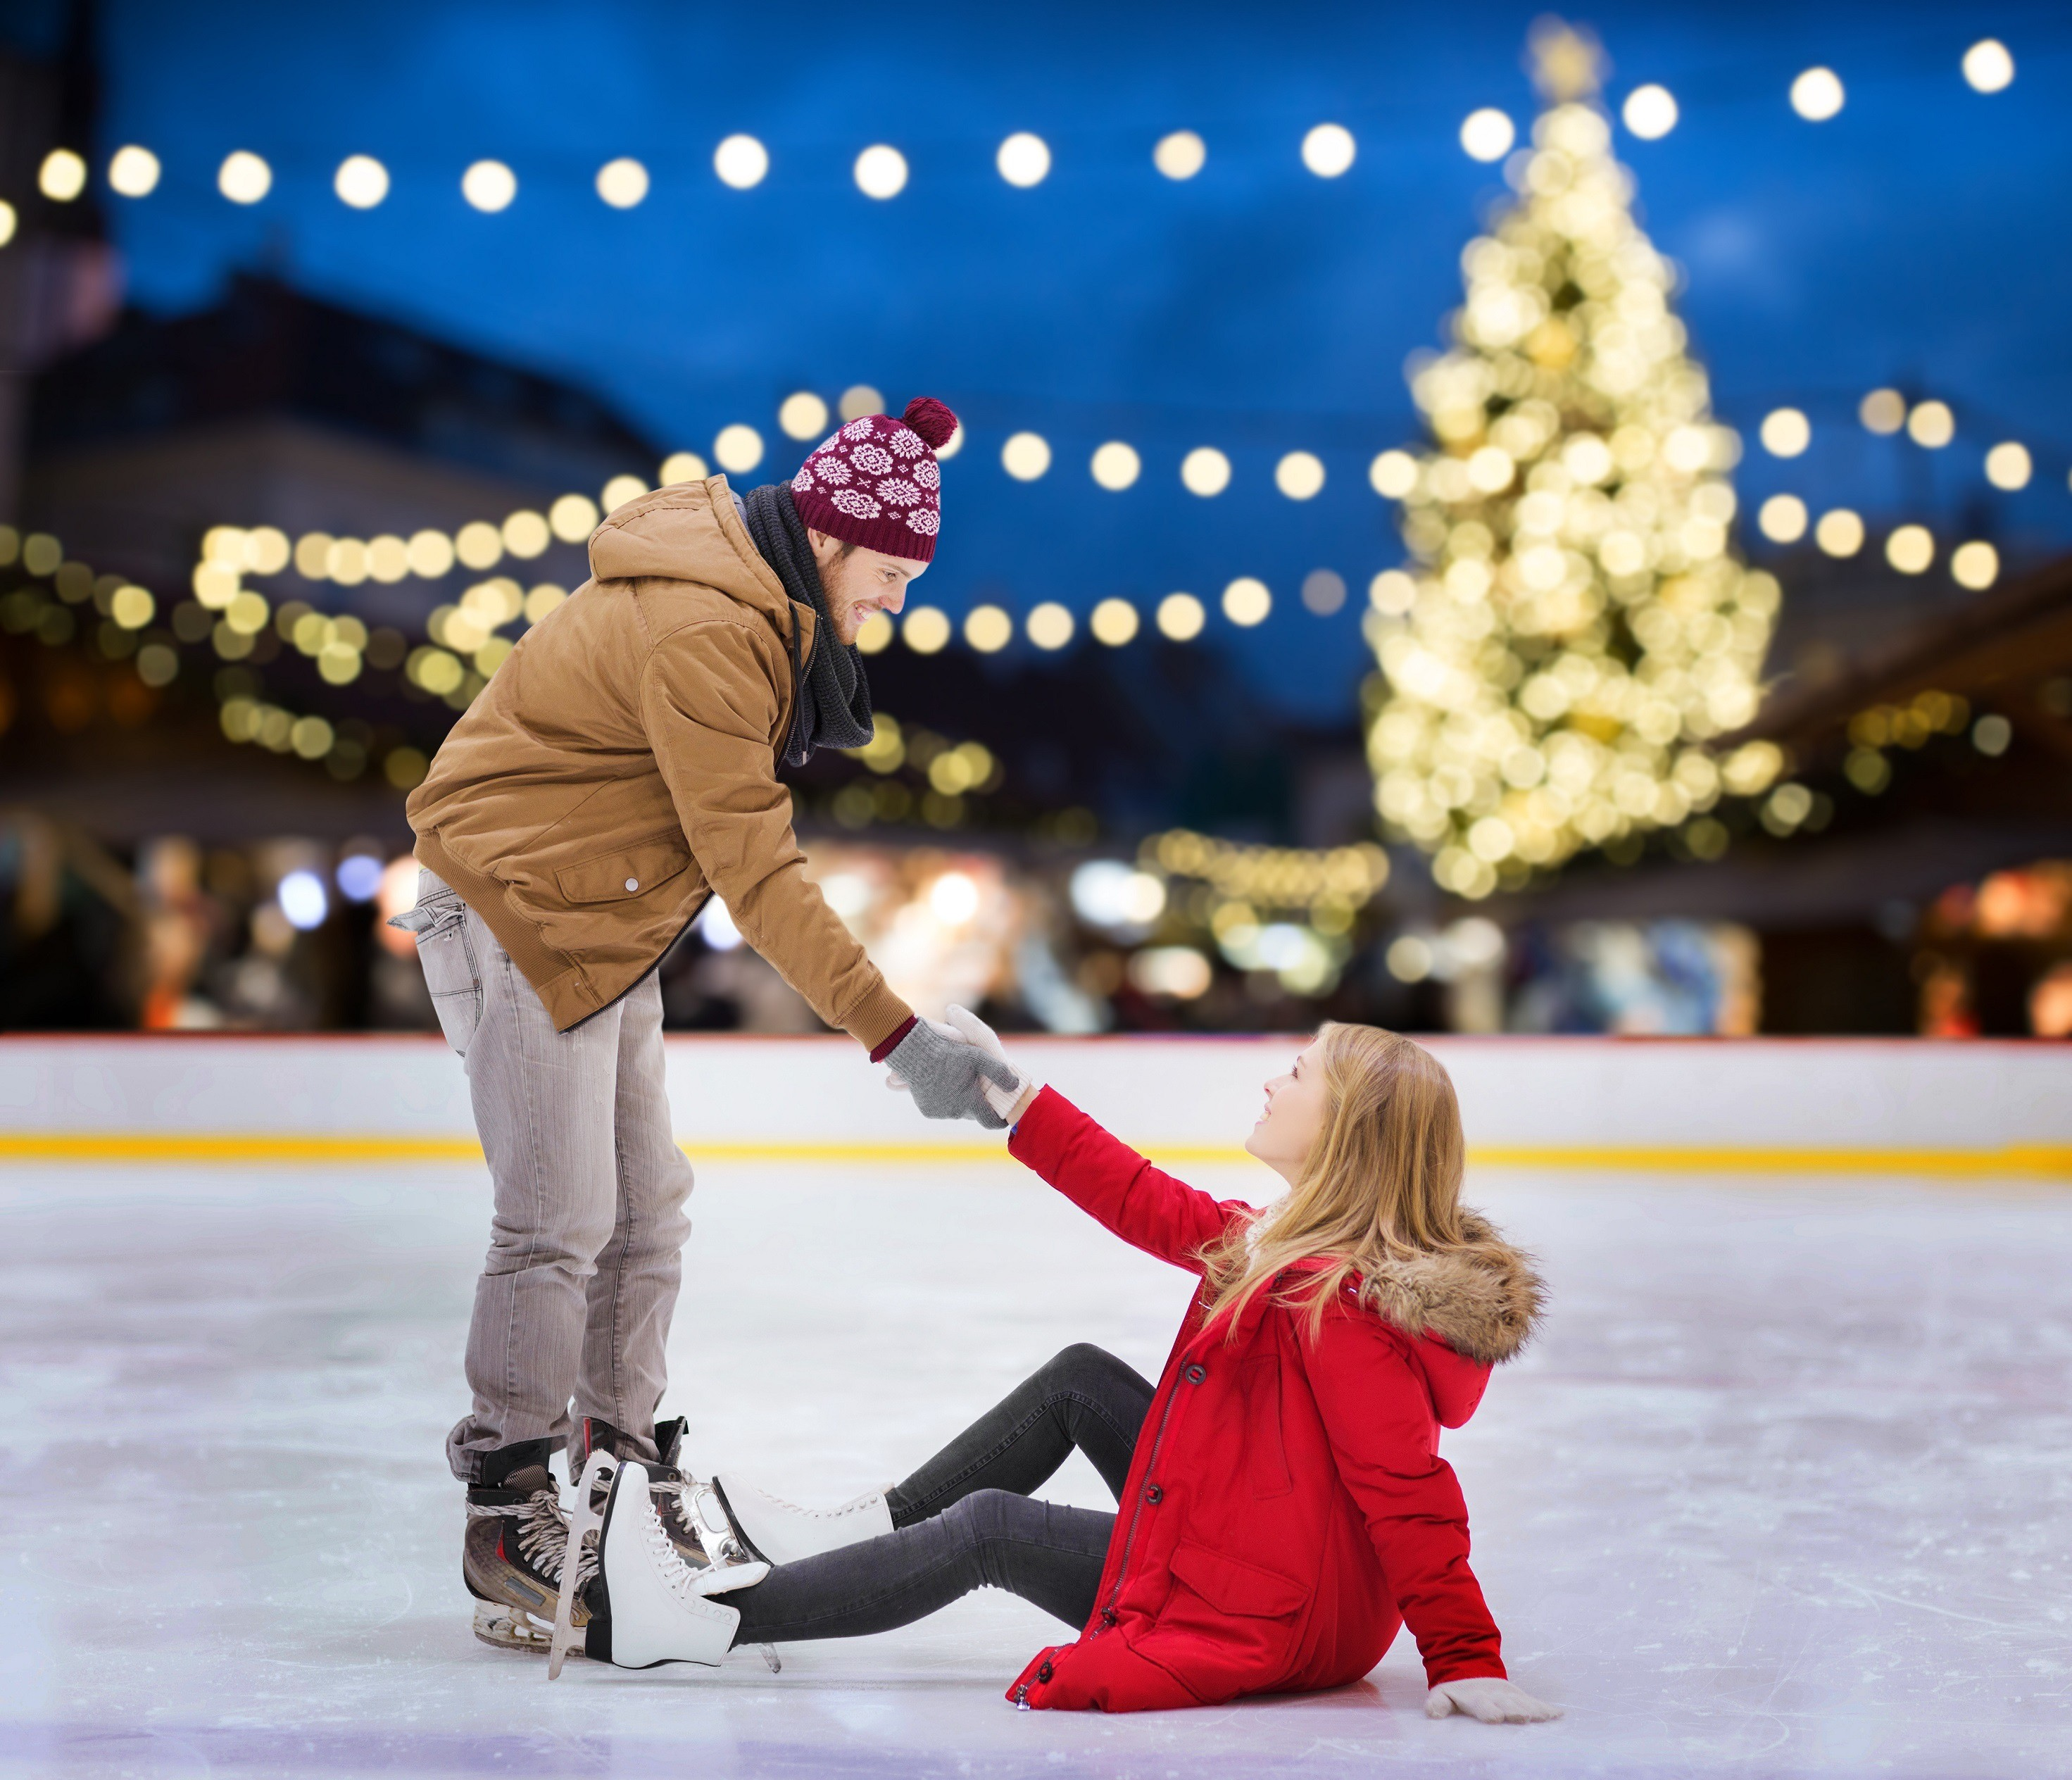 7 нескучных идей для зимнего свидания